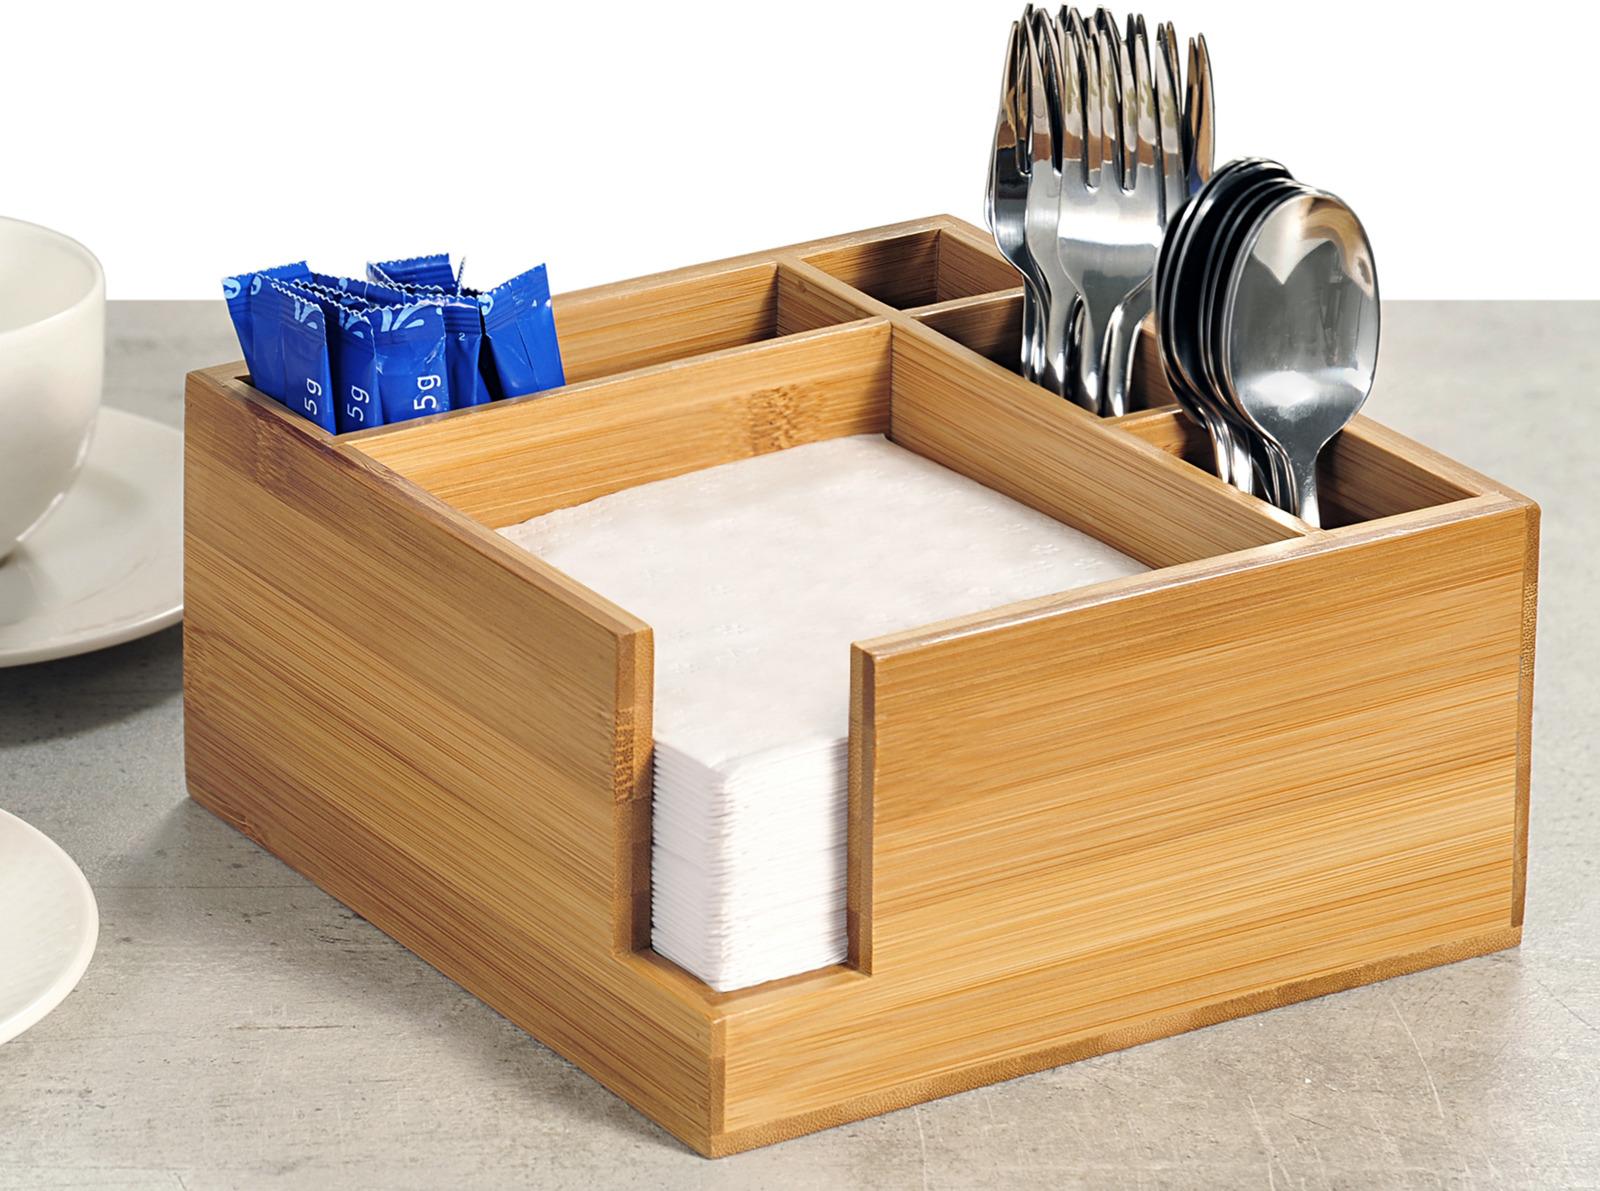 Подставка для сервировки столовых приборов Kesper, 7085-1, светло-коричневый, 18 х 18 х 9 см подставка для столовых приборов kesperd с ручками цвет коричневый 38 х 32 х 4 см